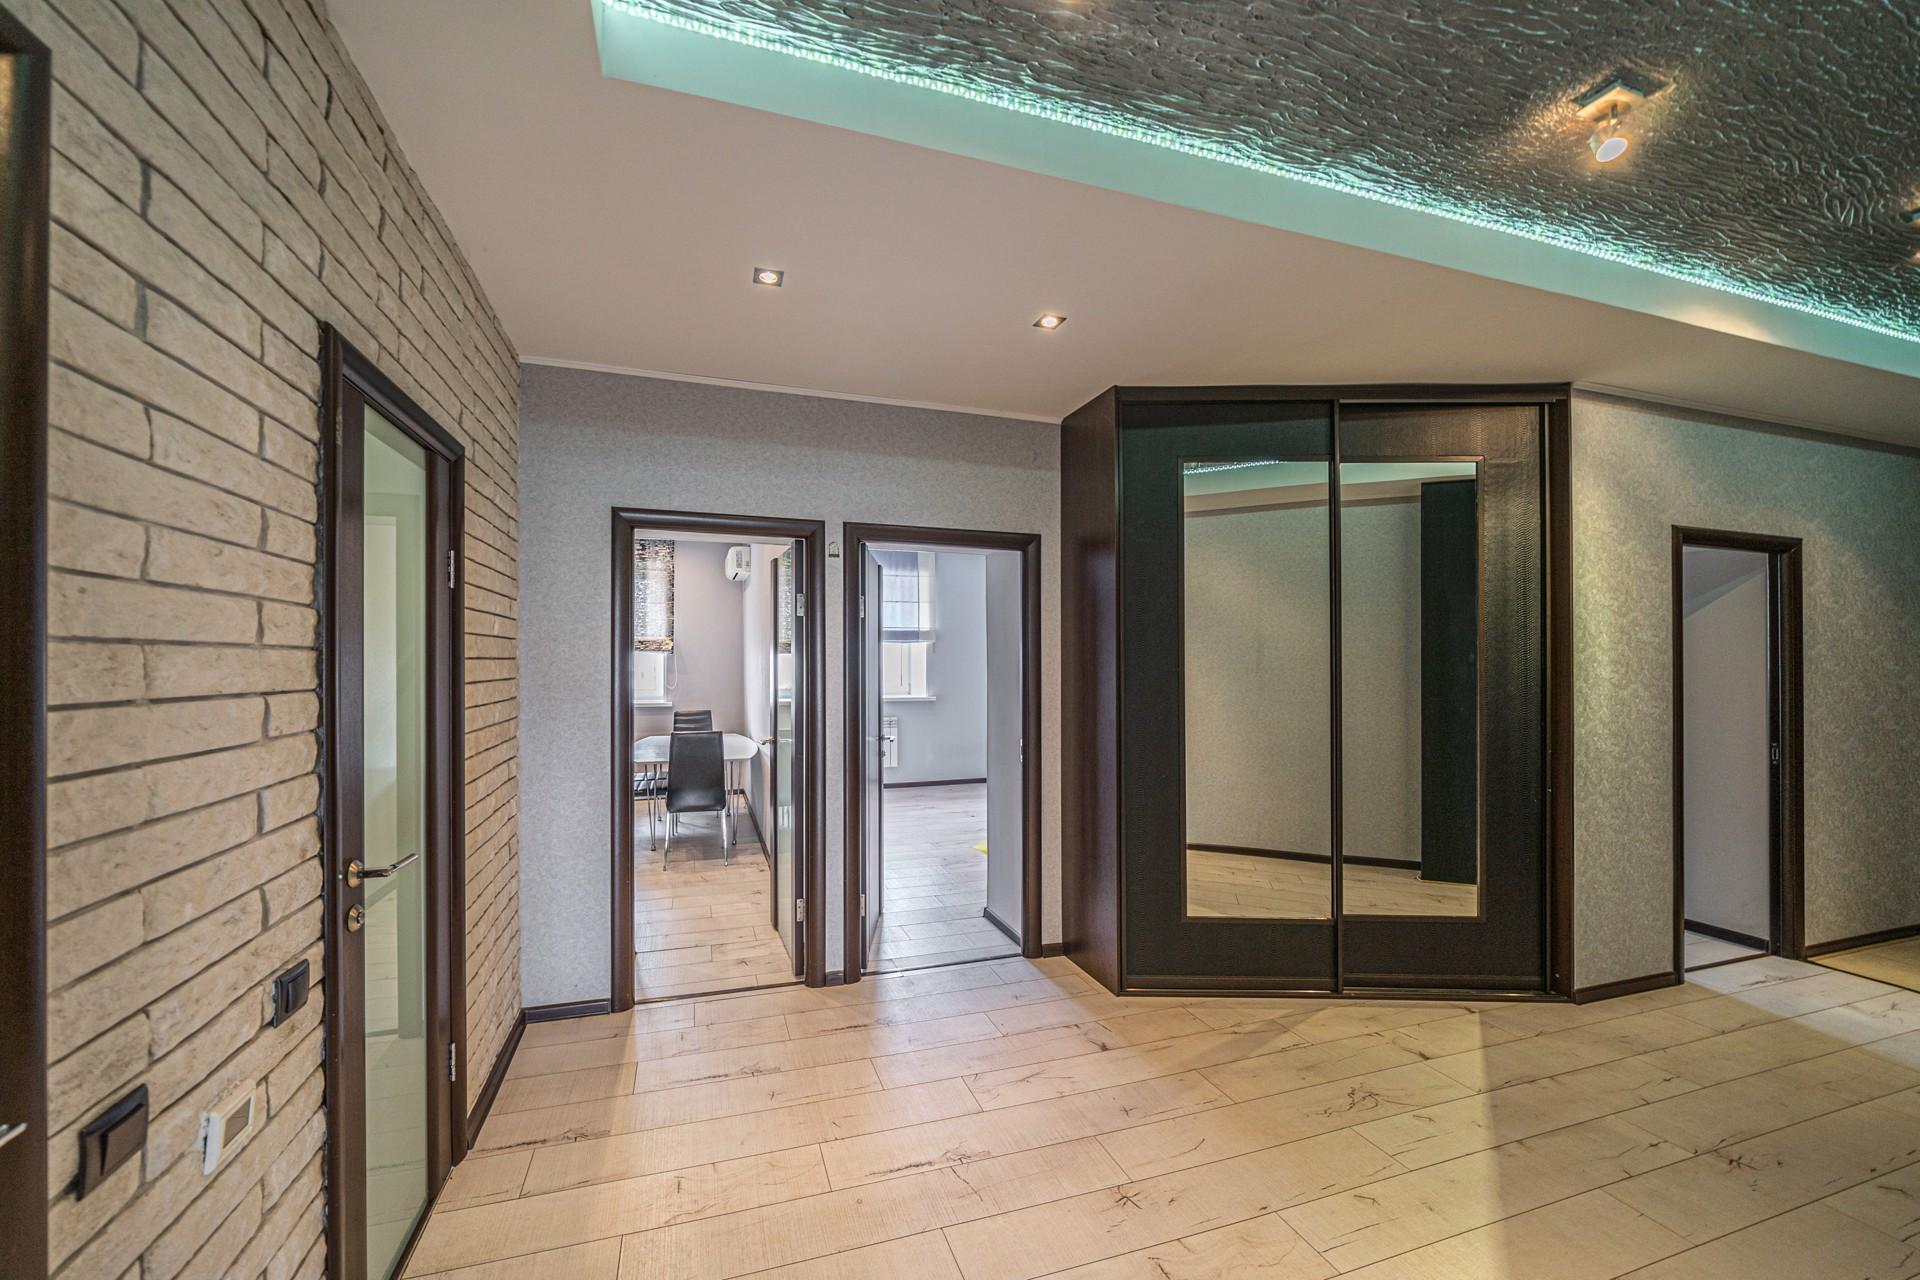 Продажа 3-к квартиры, Липецк, улица Катукова, 19, 84 м², 5700000 ₽